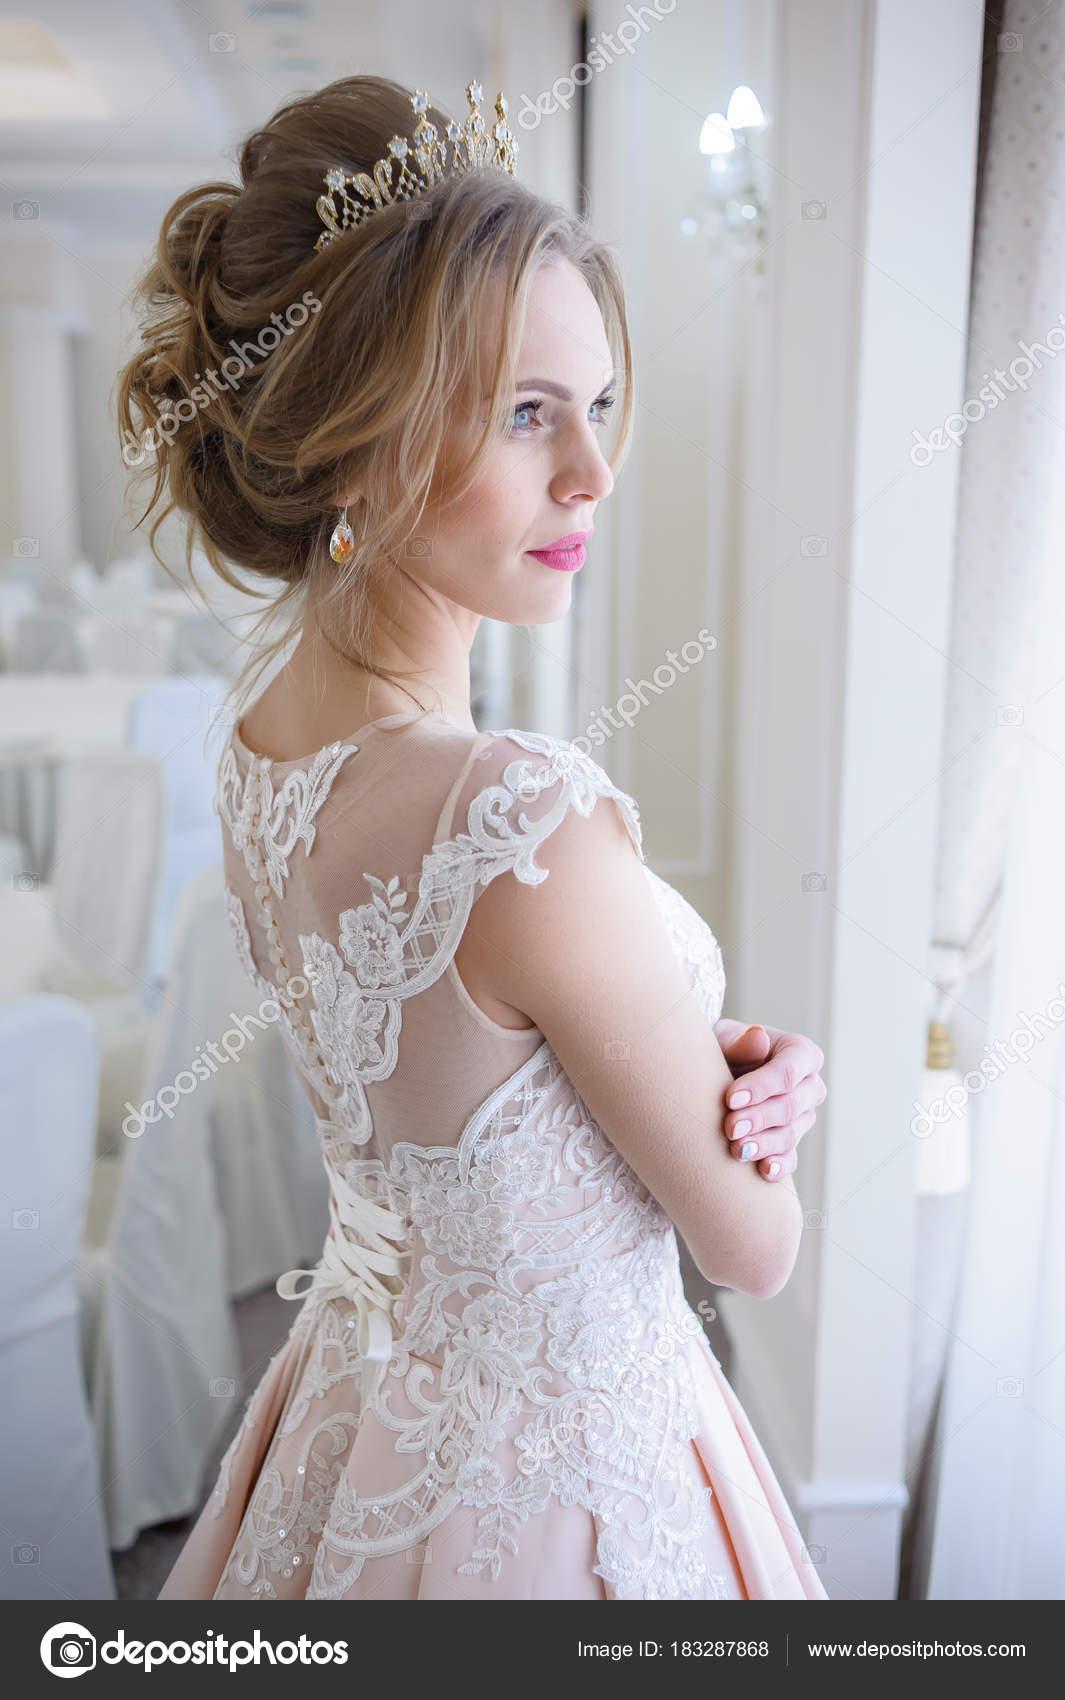 Gyönyörű menyasszony menyasszonyi ruha közelében ablak portré– stock kép 3144355901